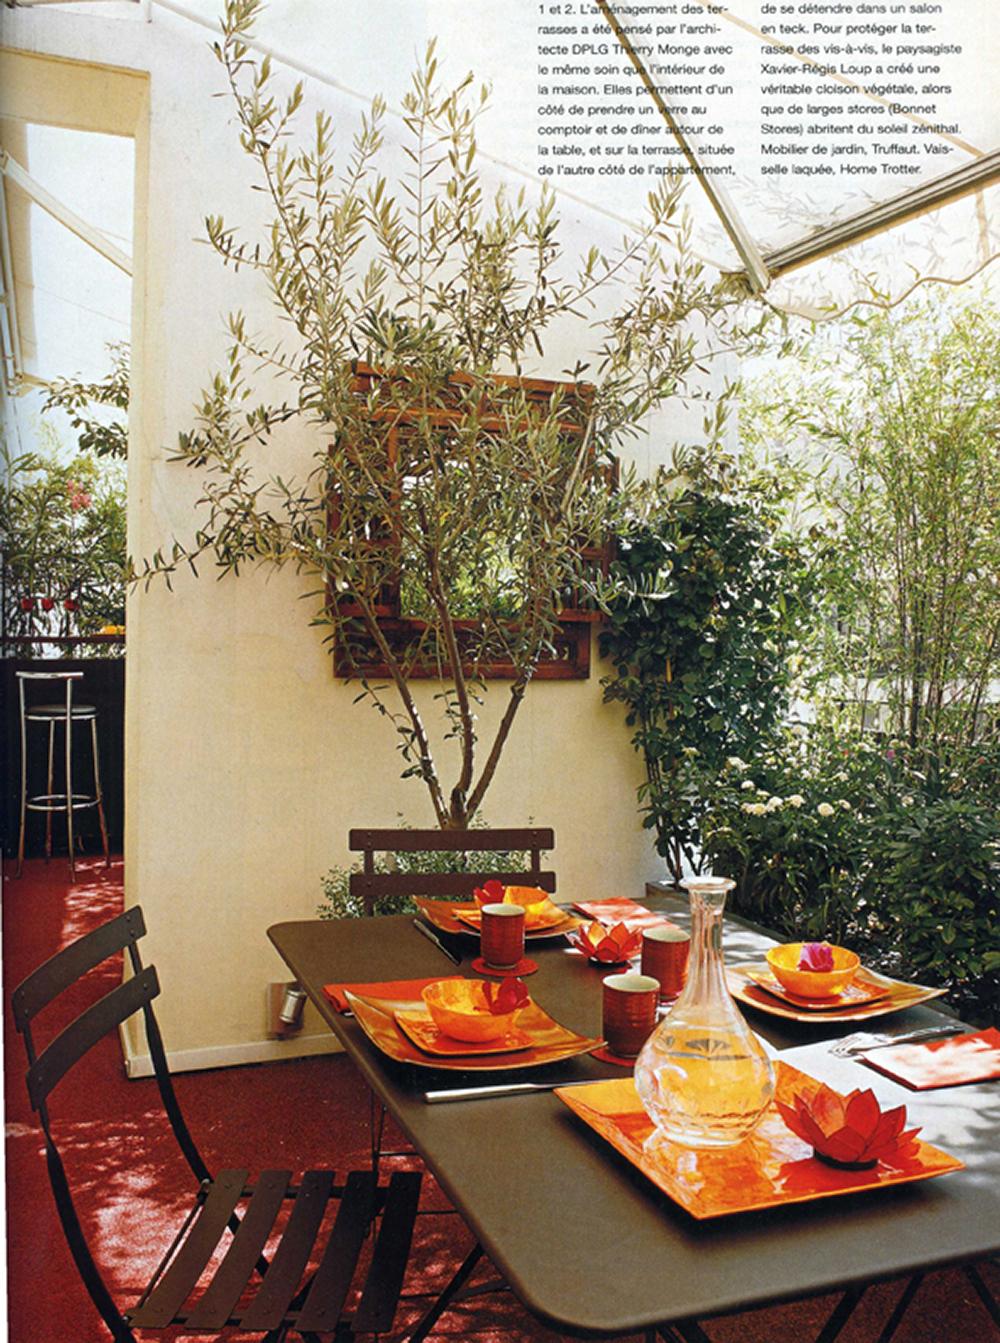 Espace Architecture avec Salon De Jardin Truffaut